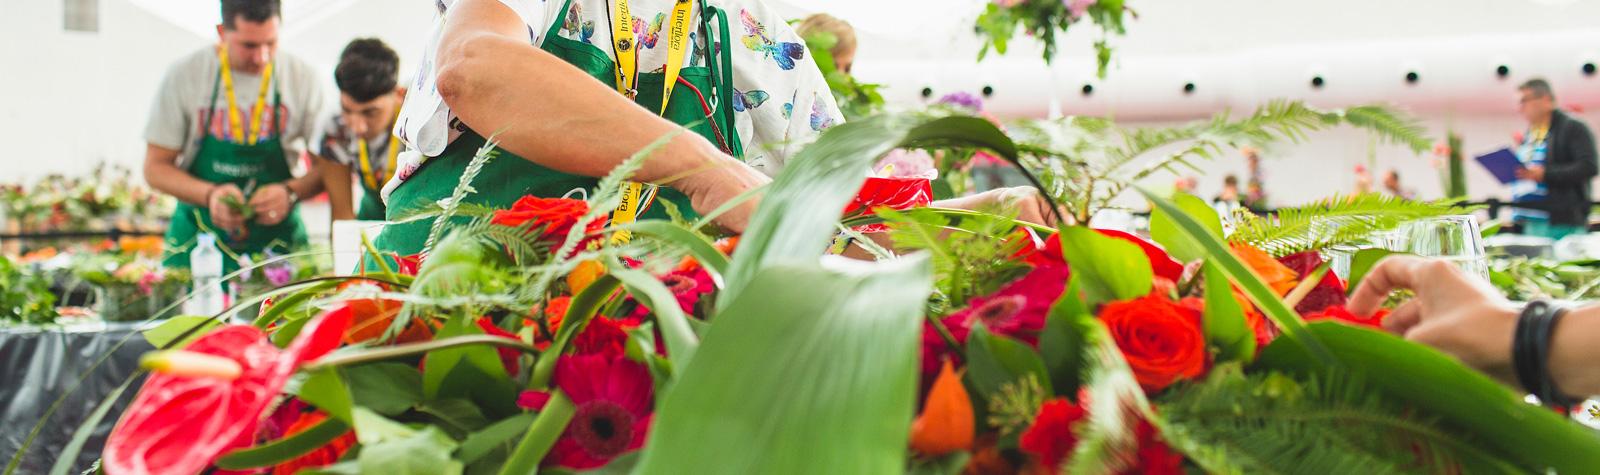 Video del Día 1 en el MAF 2015. Mejor Artesano Florista 2015